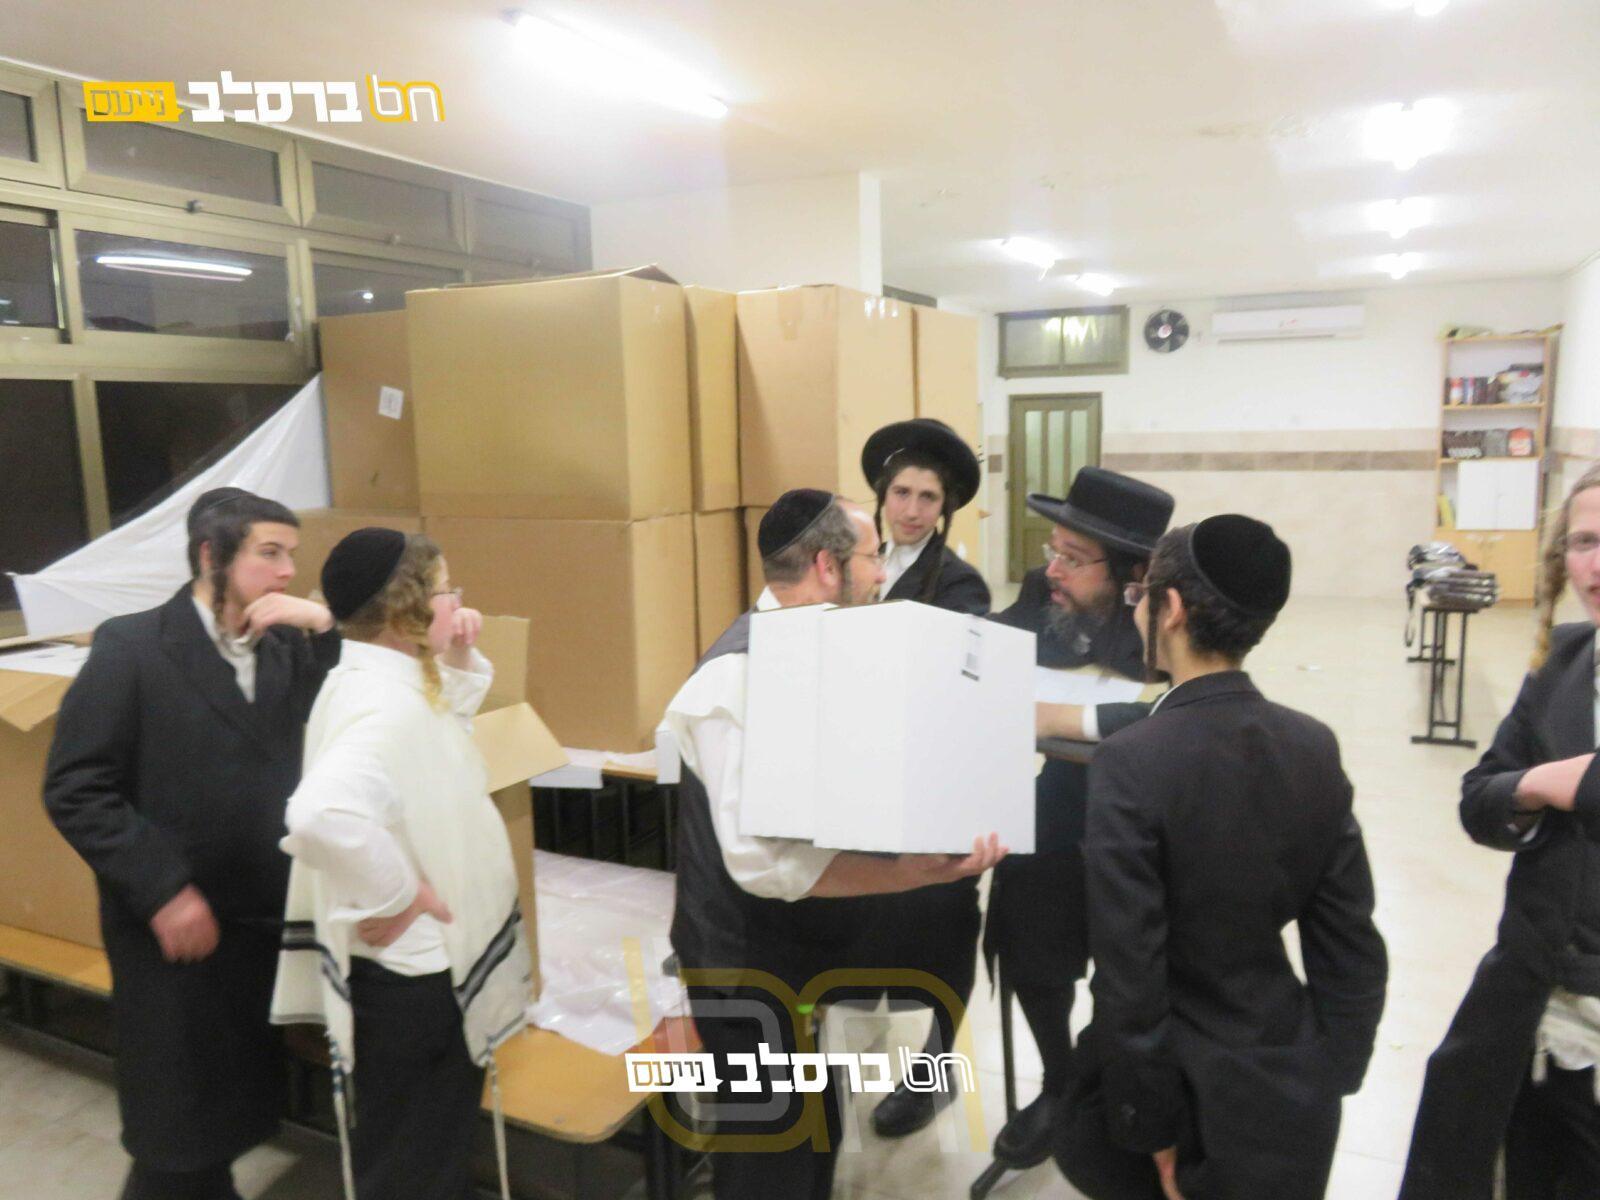 בית שמש • קמחא דפסחא: חלוקת מצות בבית הכנסת ברסלב 'נחלת חן'